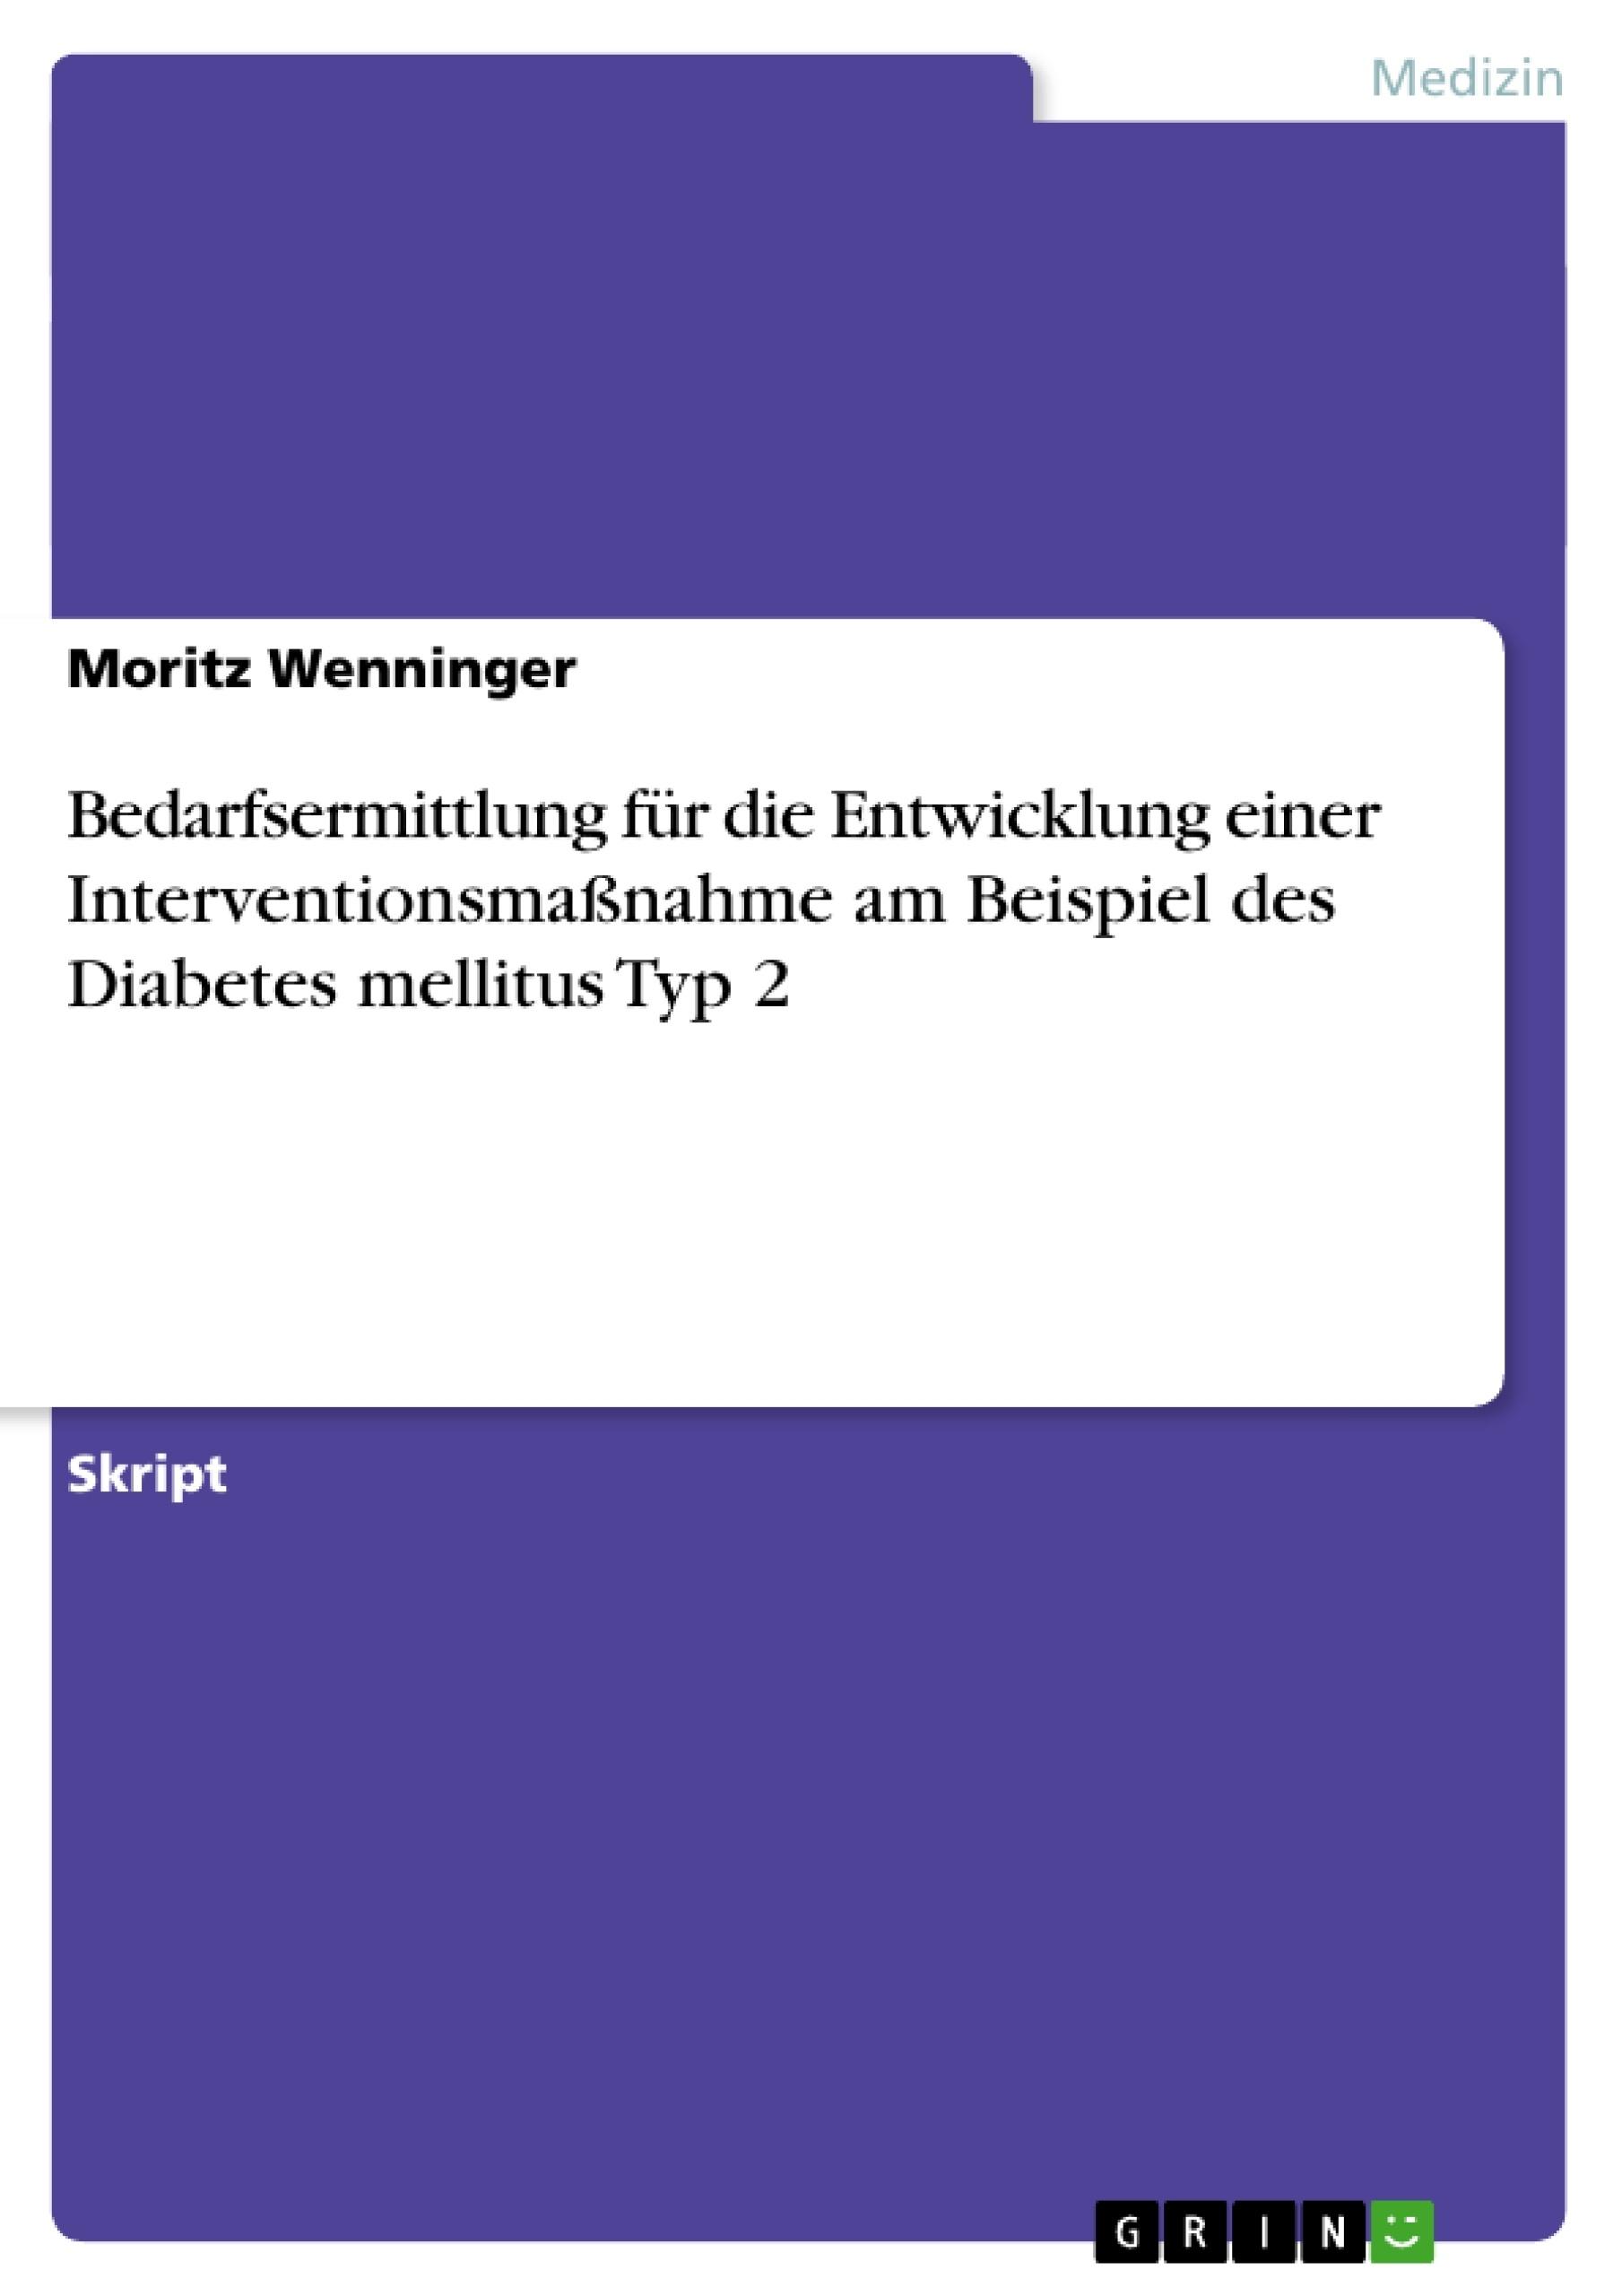 Titel: Bedarfsermittlung für die Entwicklung einer Interventionsmaßnahme am Beispiel des Diabetes mellitus Typ 2